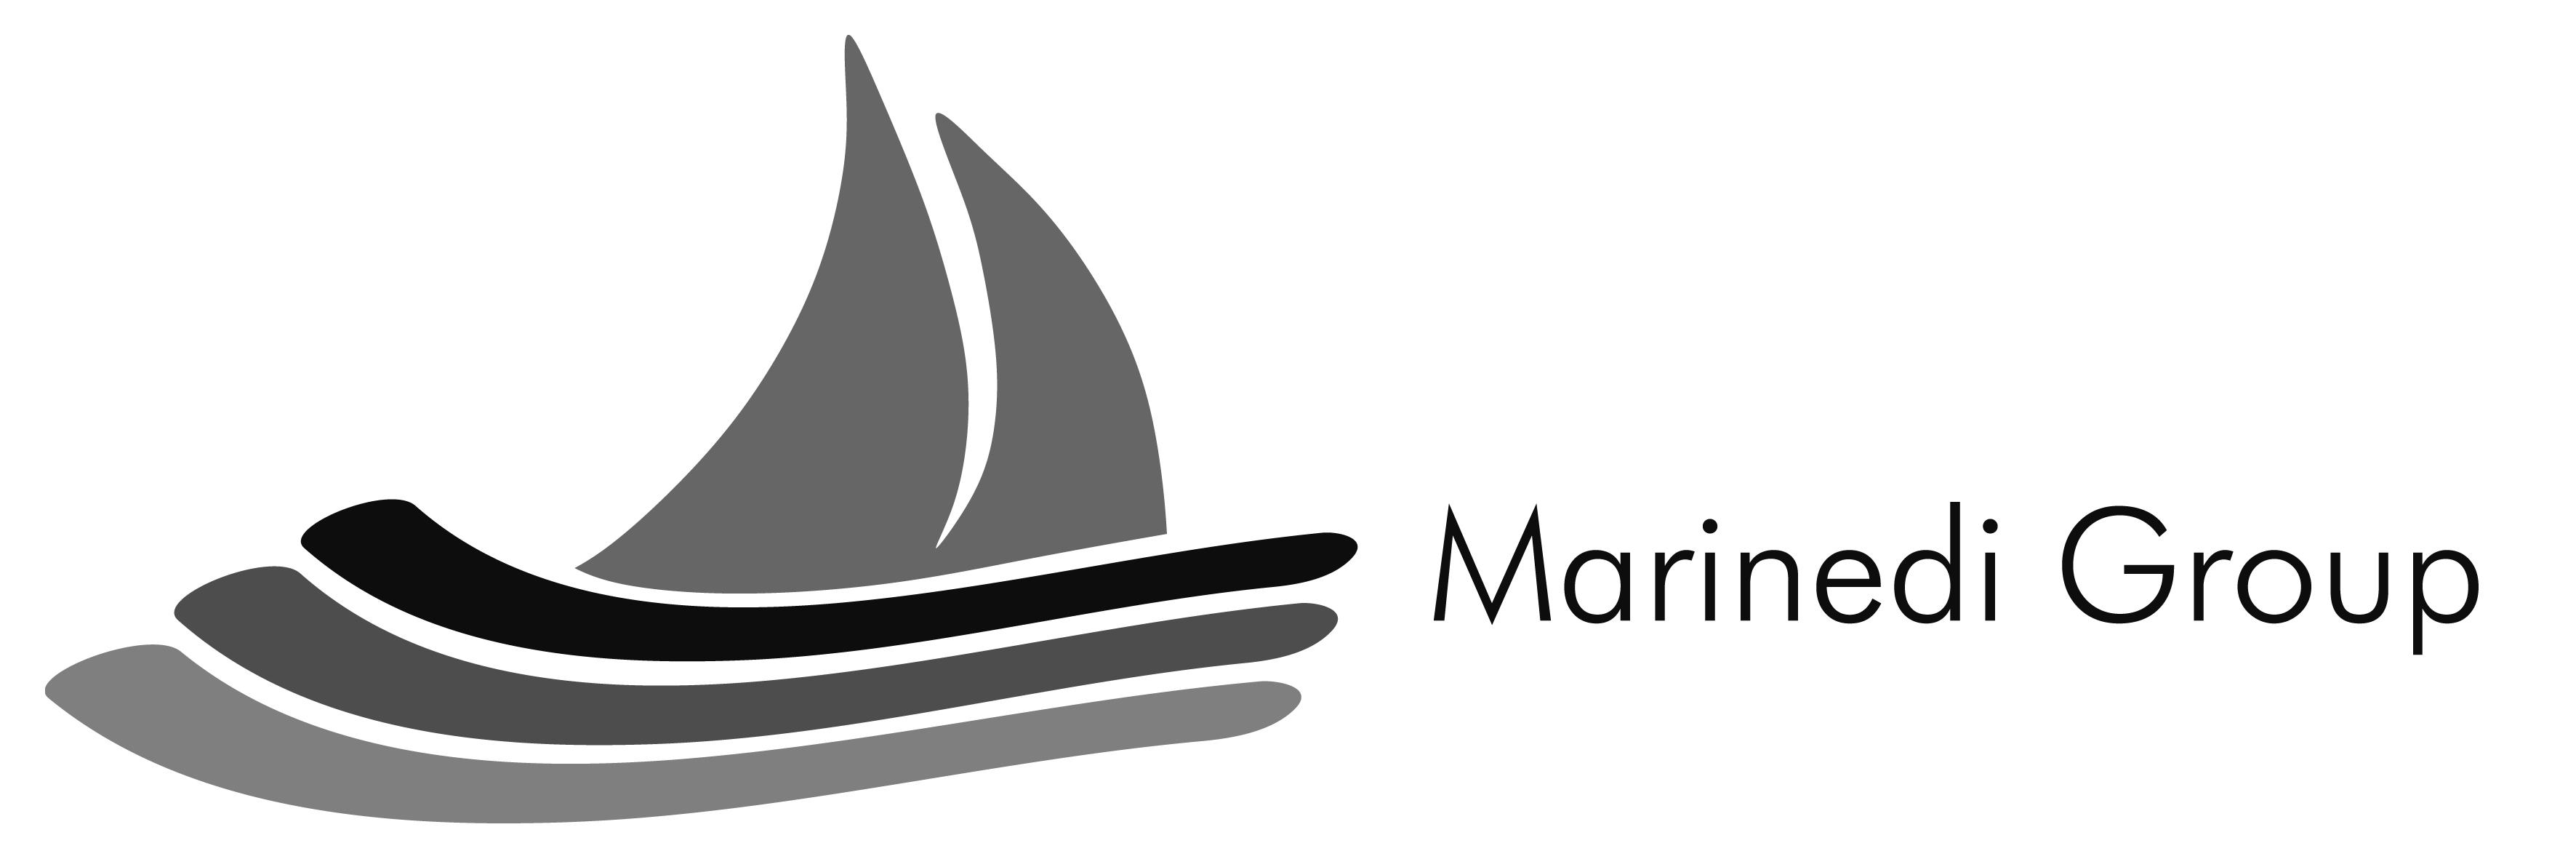 marinedigroup_CMYK